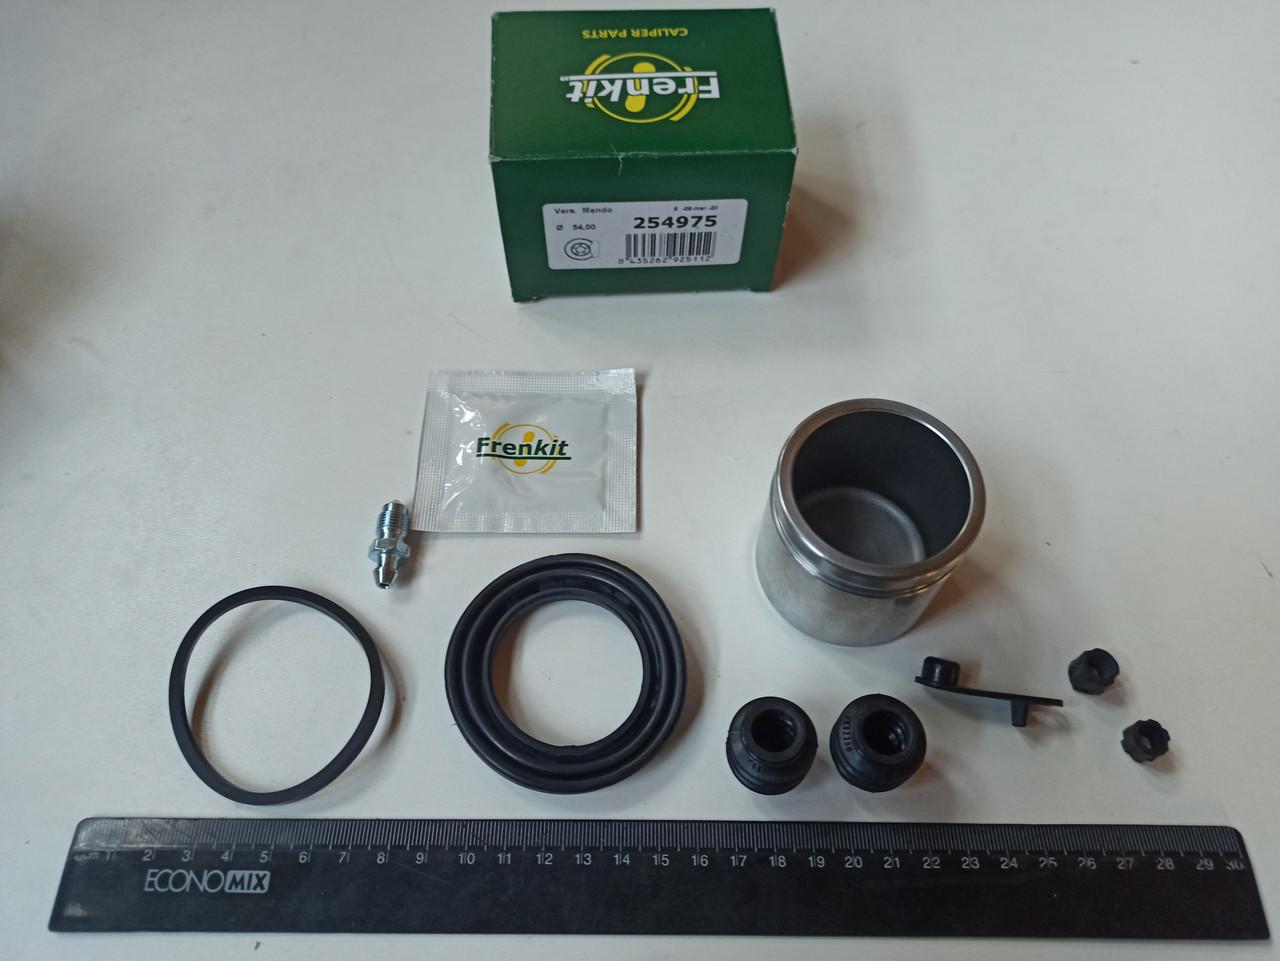 Р/к суппорта Rio (UB) 11- переднего d 54 мм с поршнем, Frenkit (254975) к-т на 1 суппорт